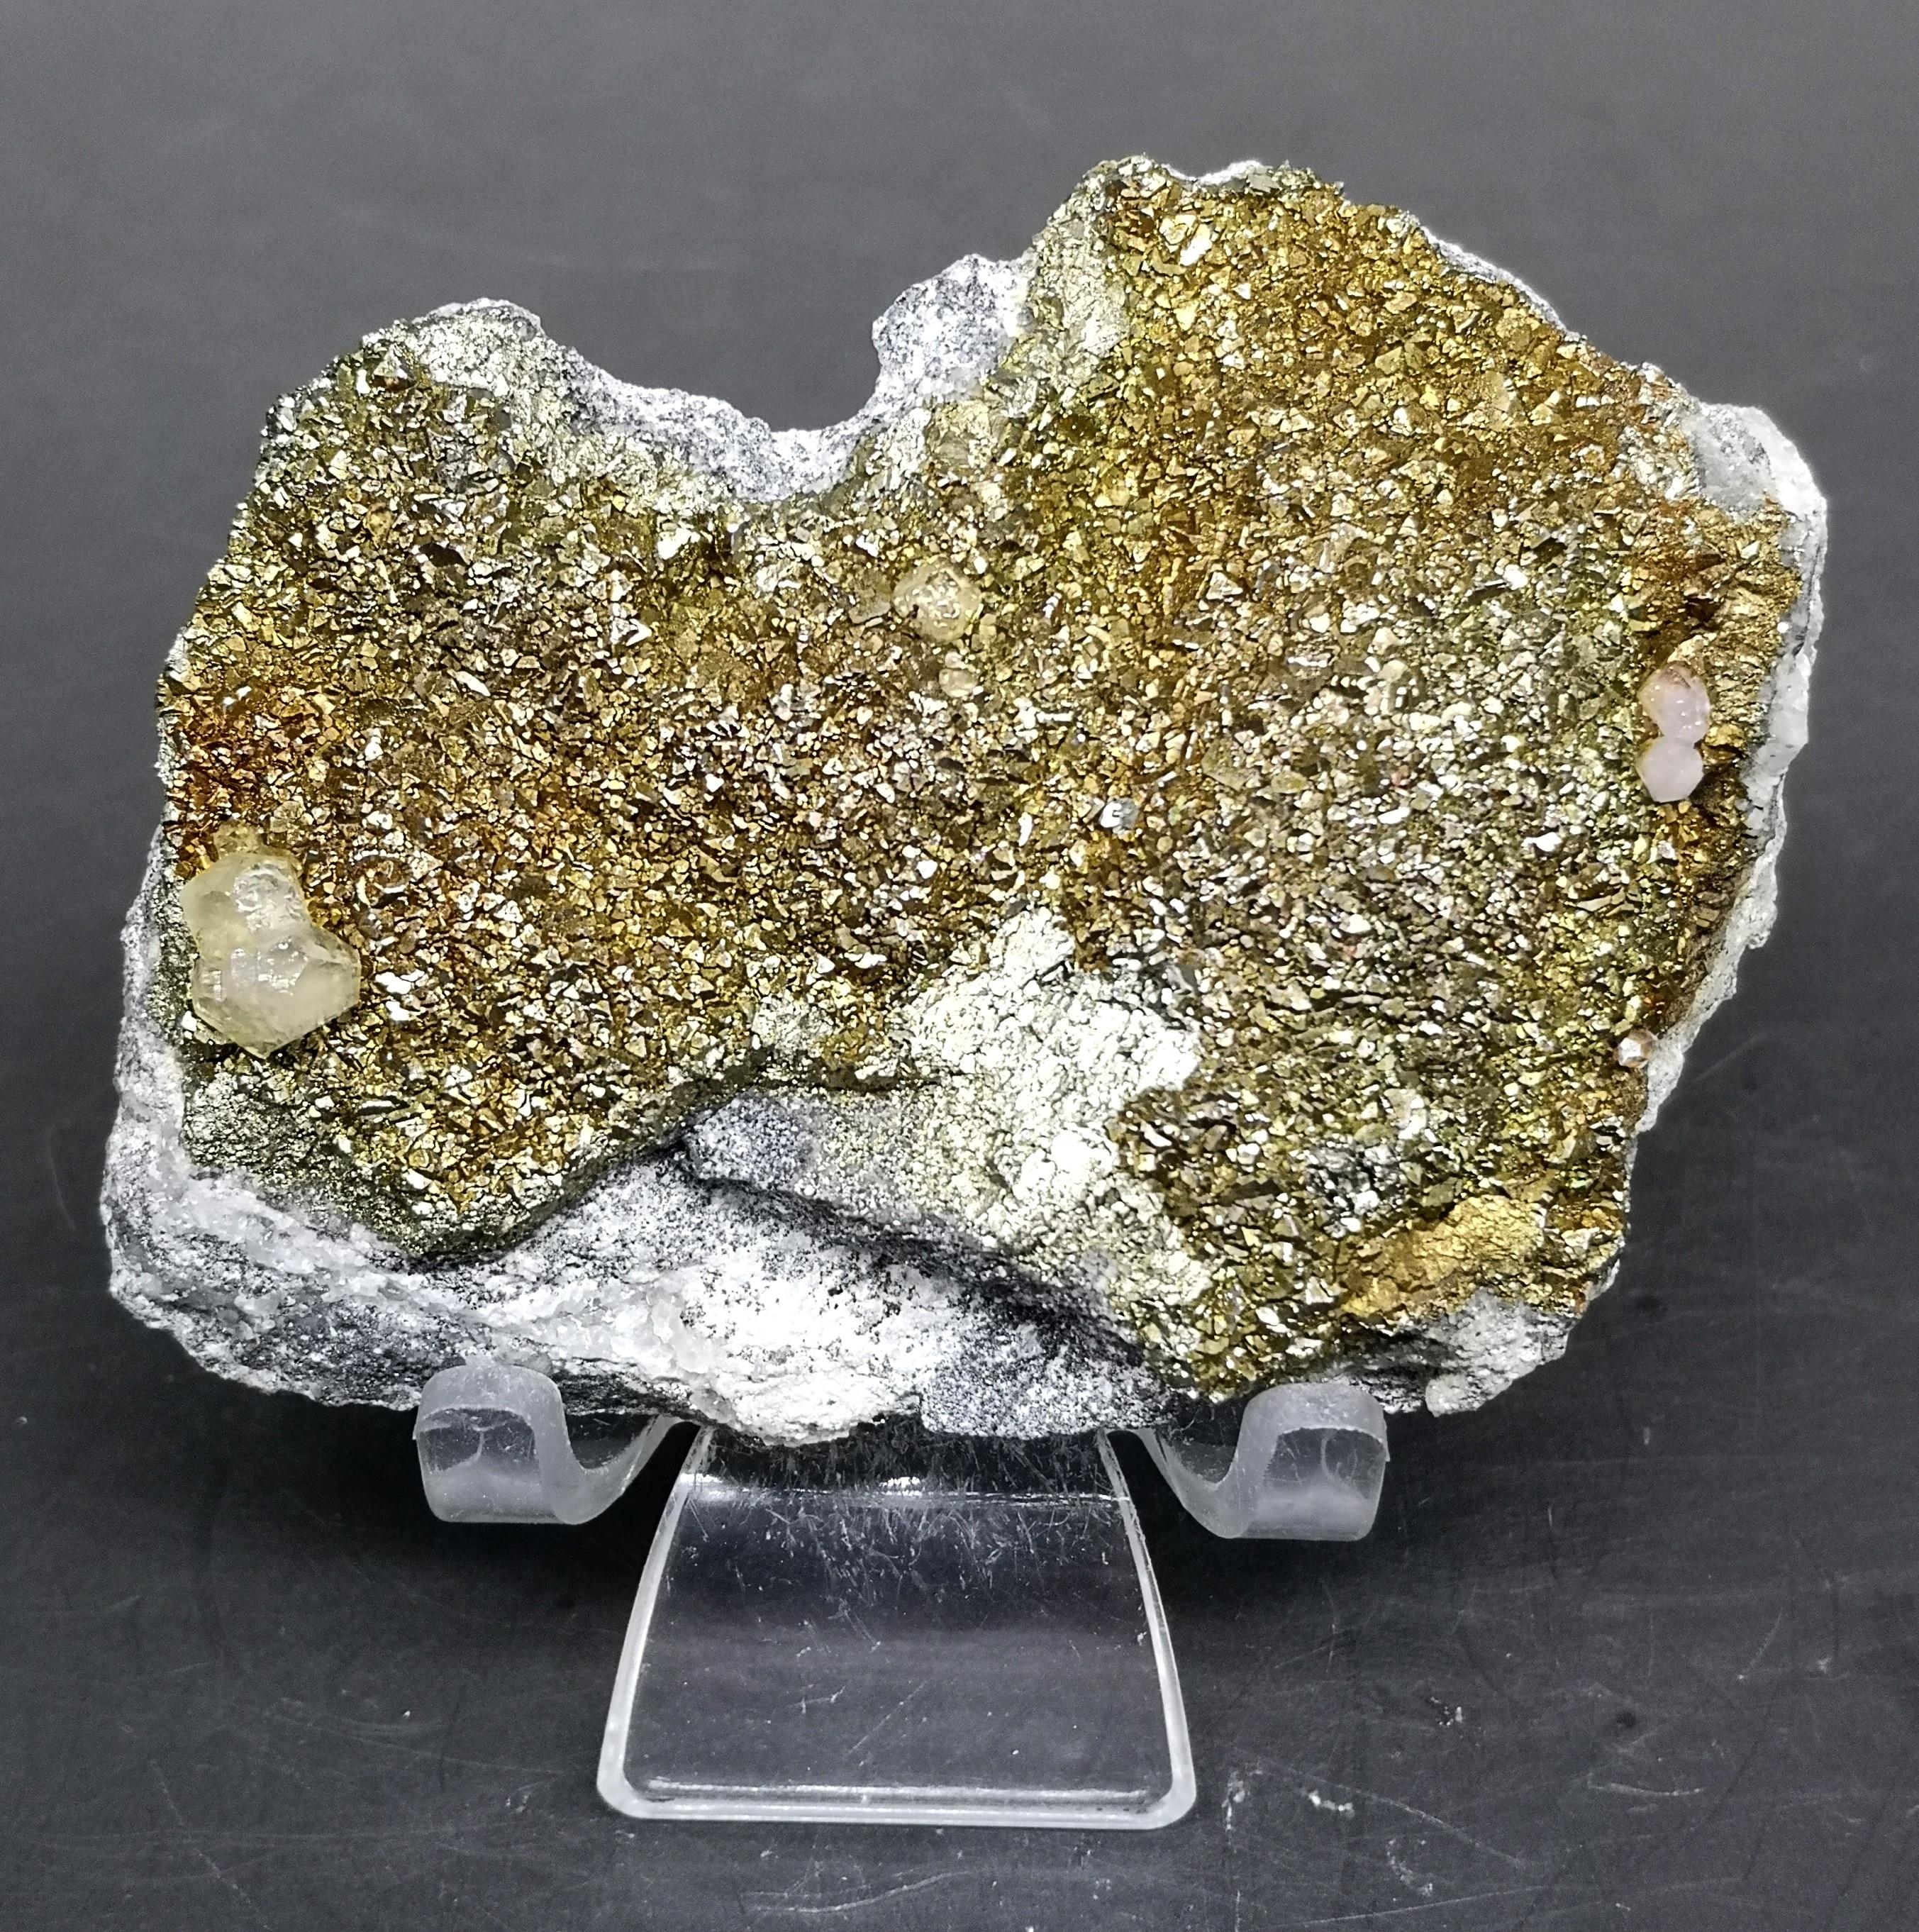 Quartz brut de chine 179g   pyrite et calcite naturels symbiotiques, échantillon de cristaux minéraux pierres et cristaux, quartz brut